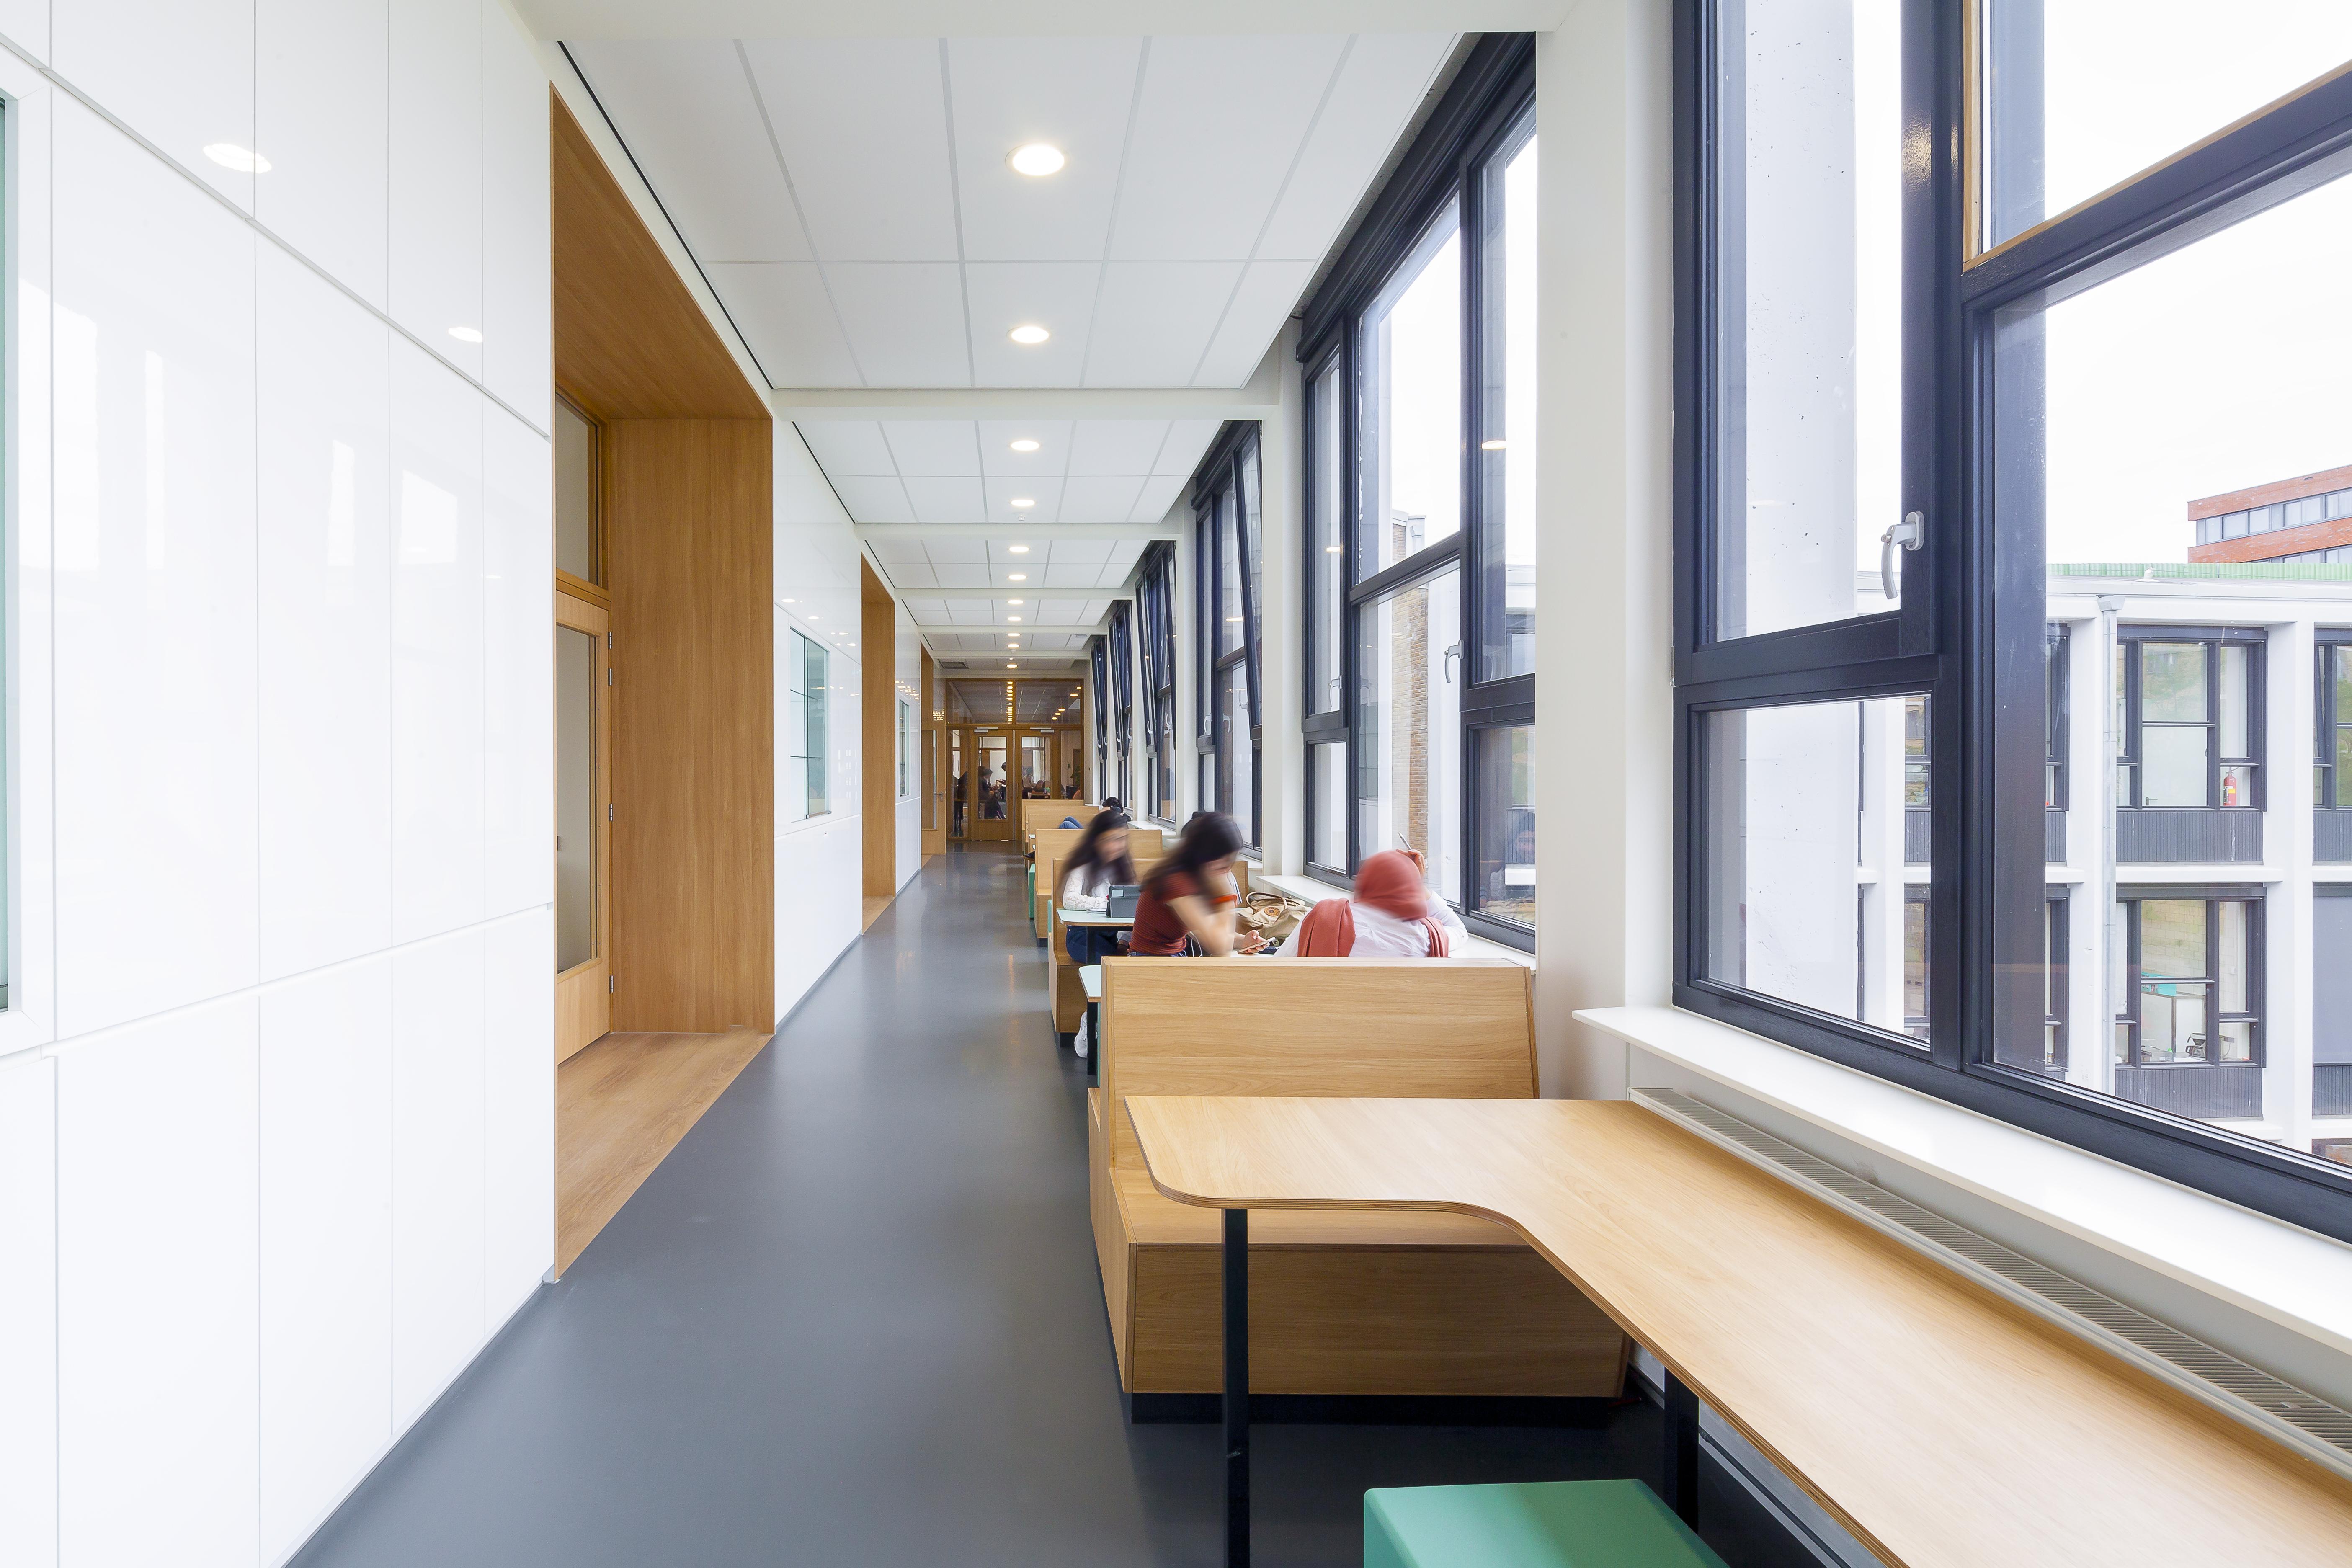 <p>Extra studieruimte op de gangen van het voortgezet onderwijs, foto Sonia Arrepia</p>